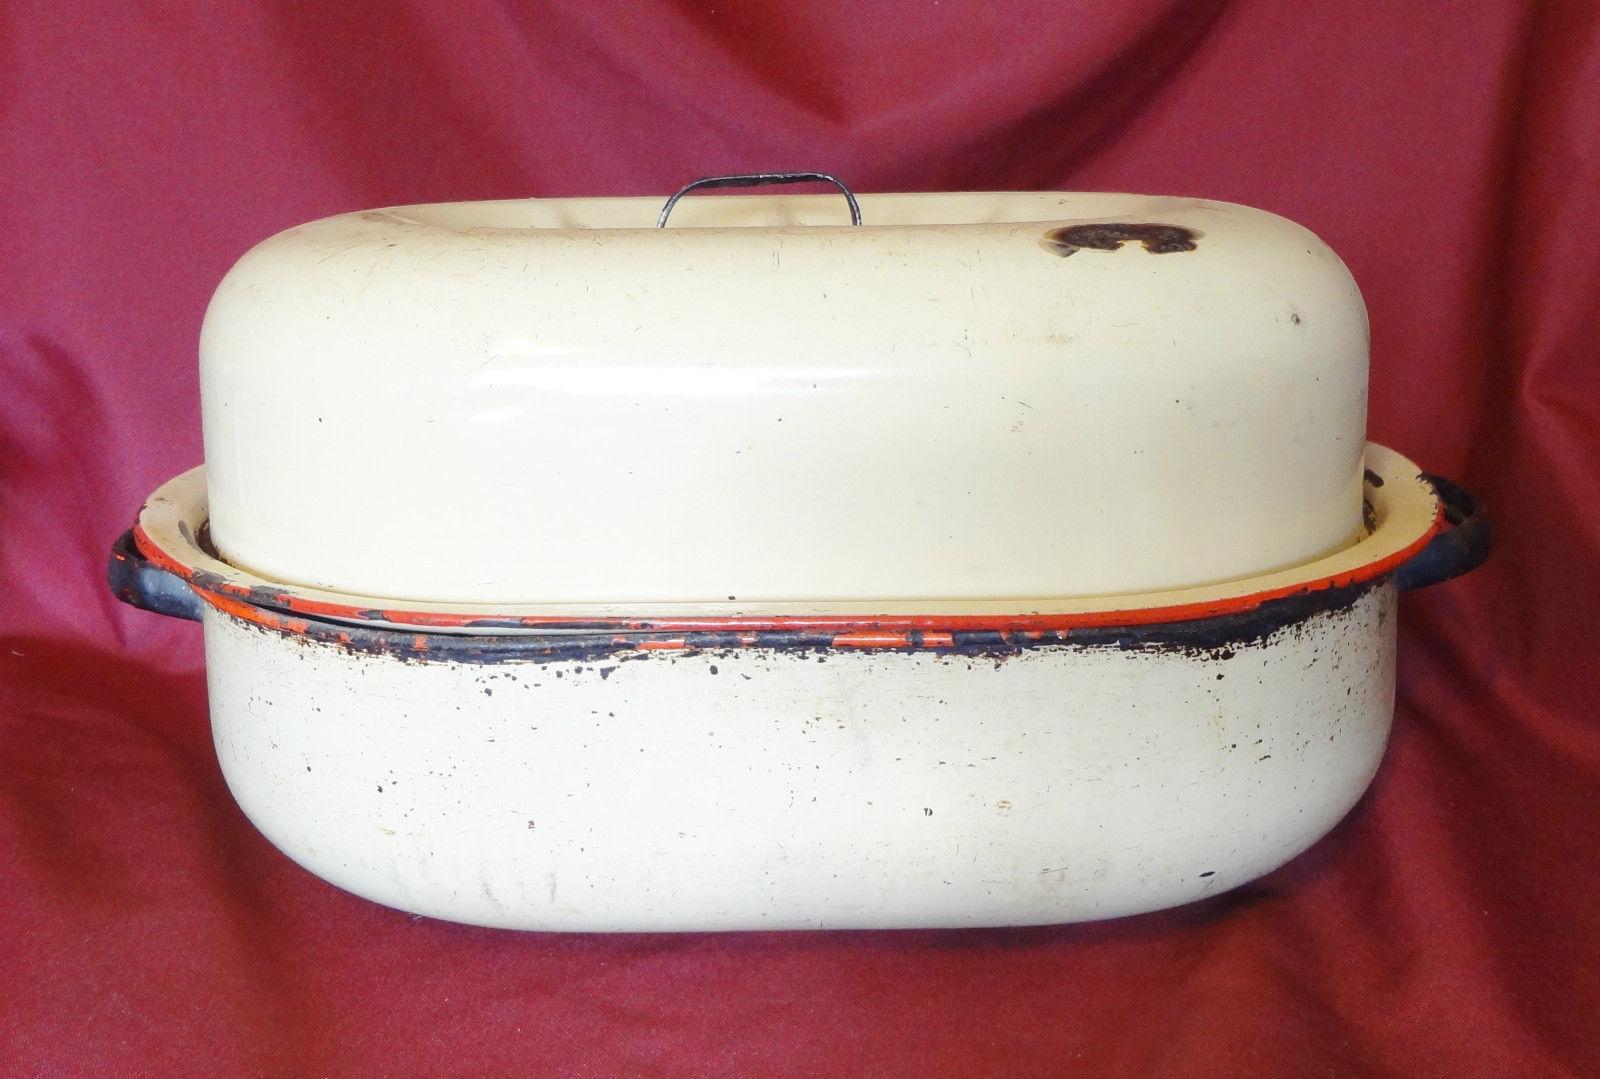 Vintage Large Heavy Beige Red Enamel Turkey Roasting Pan